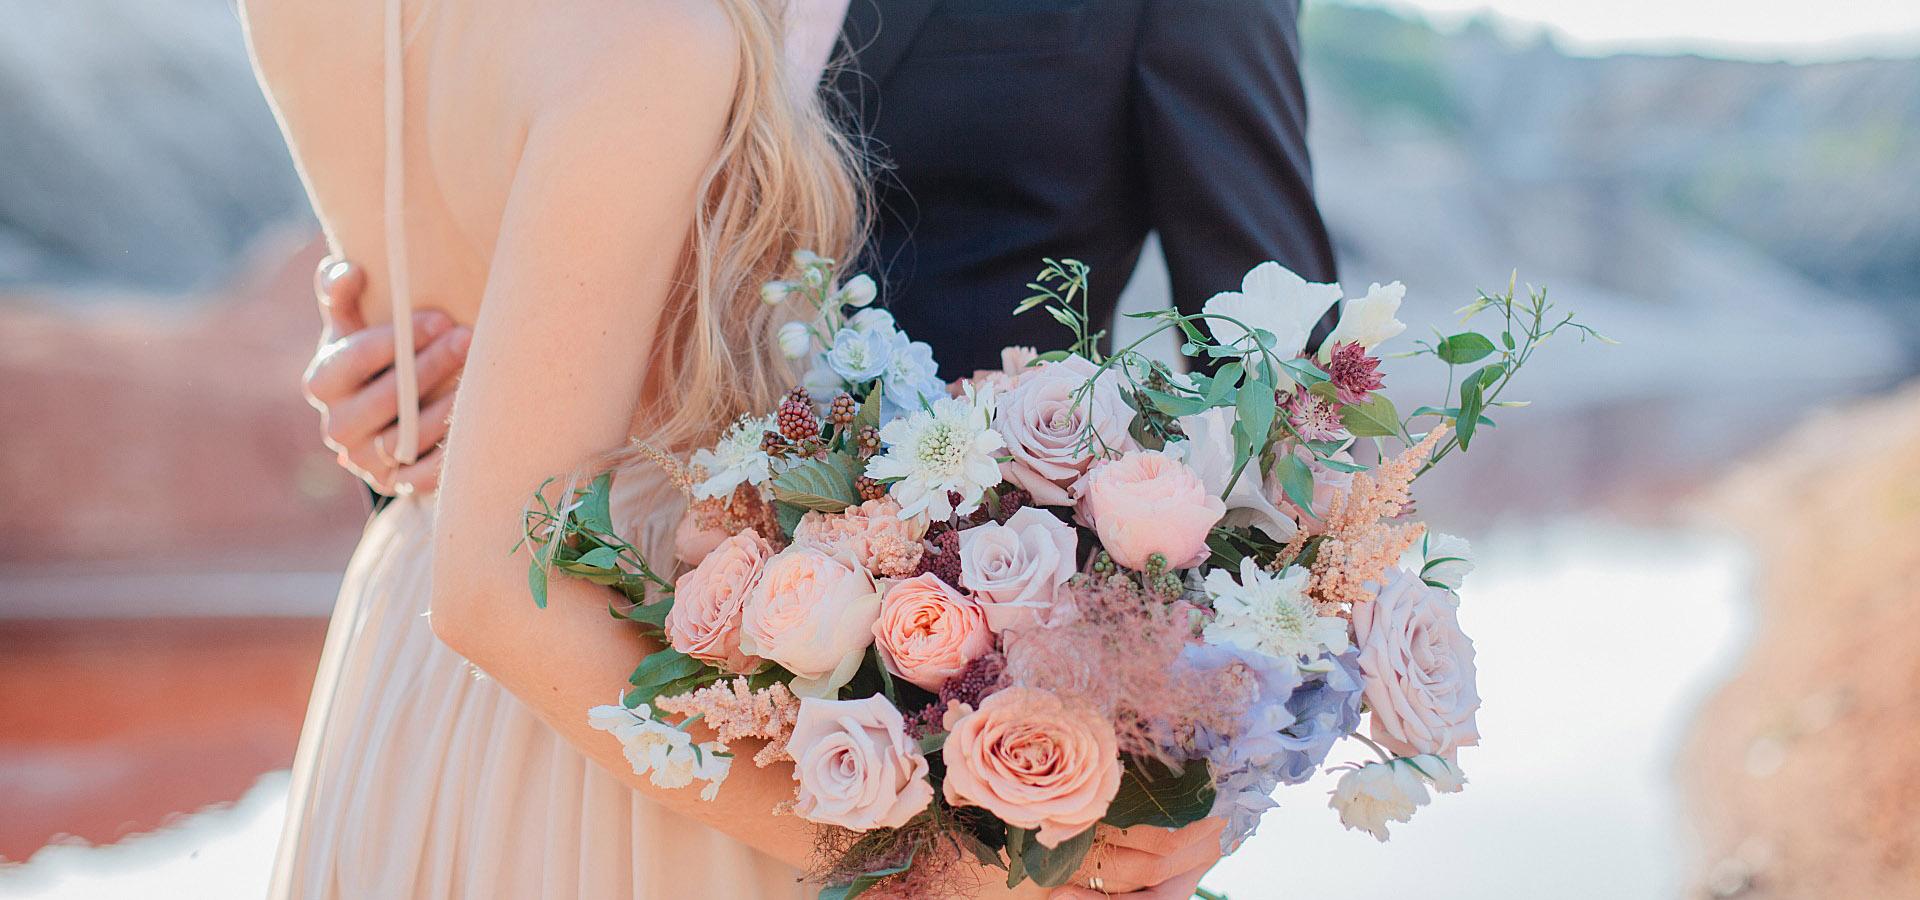 Топ советов для незабываемой свадьбы